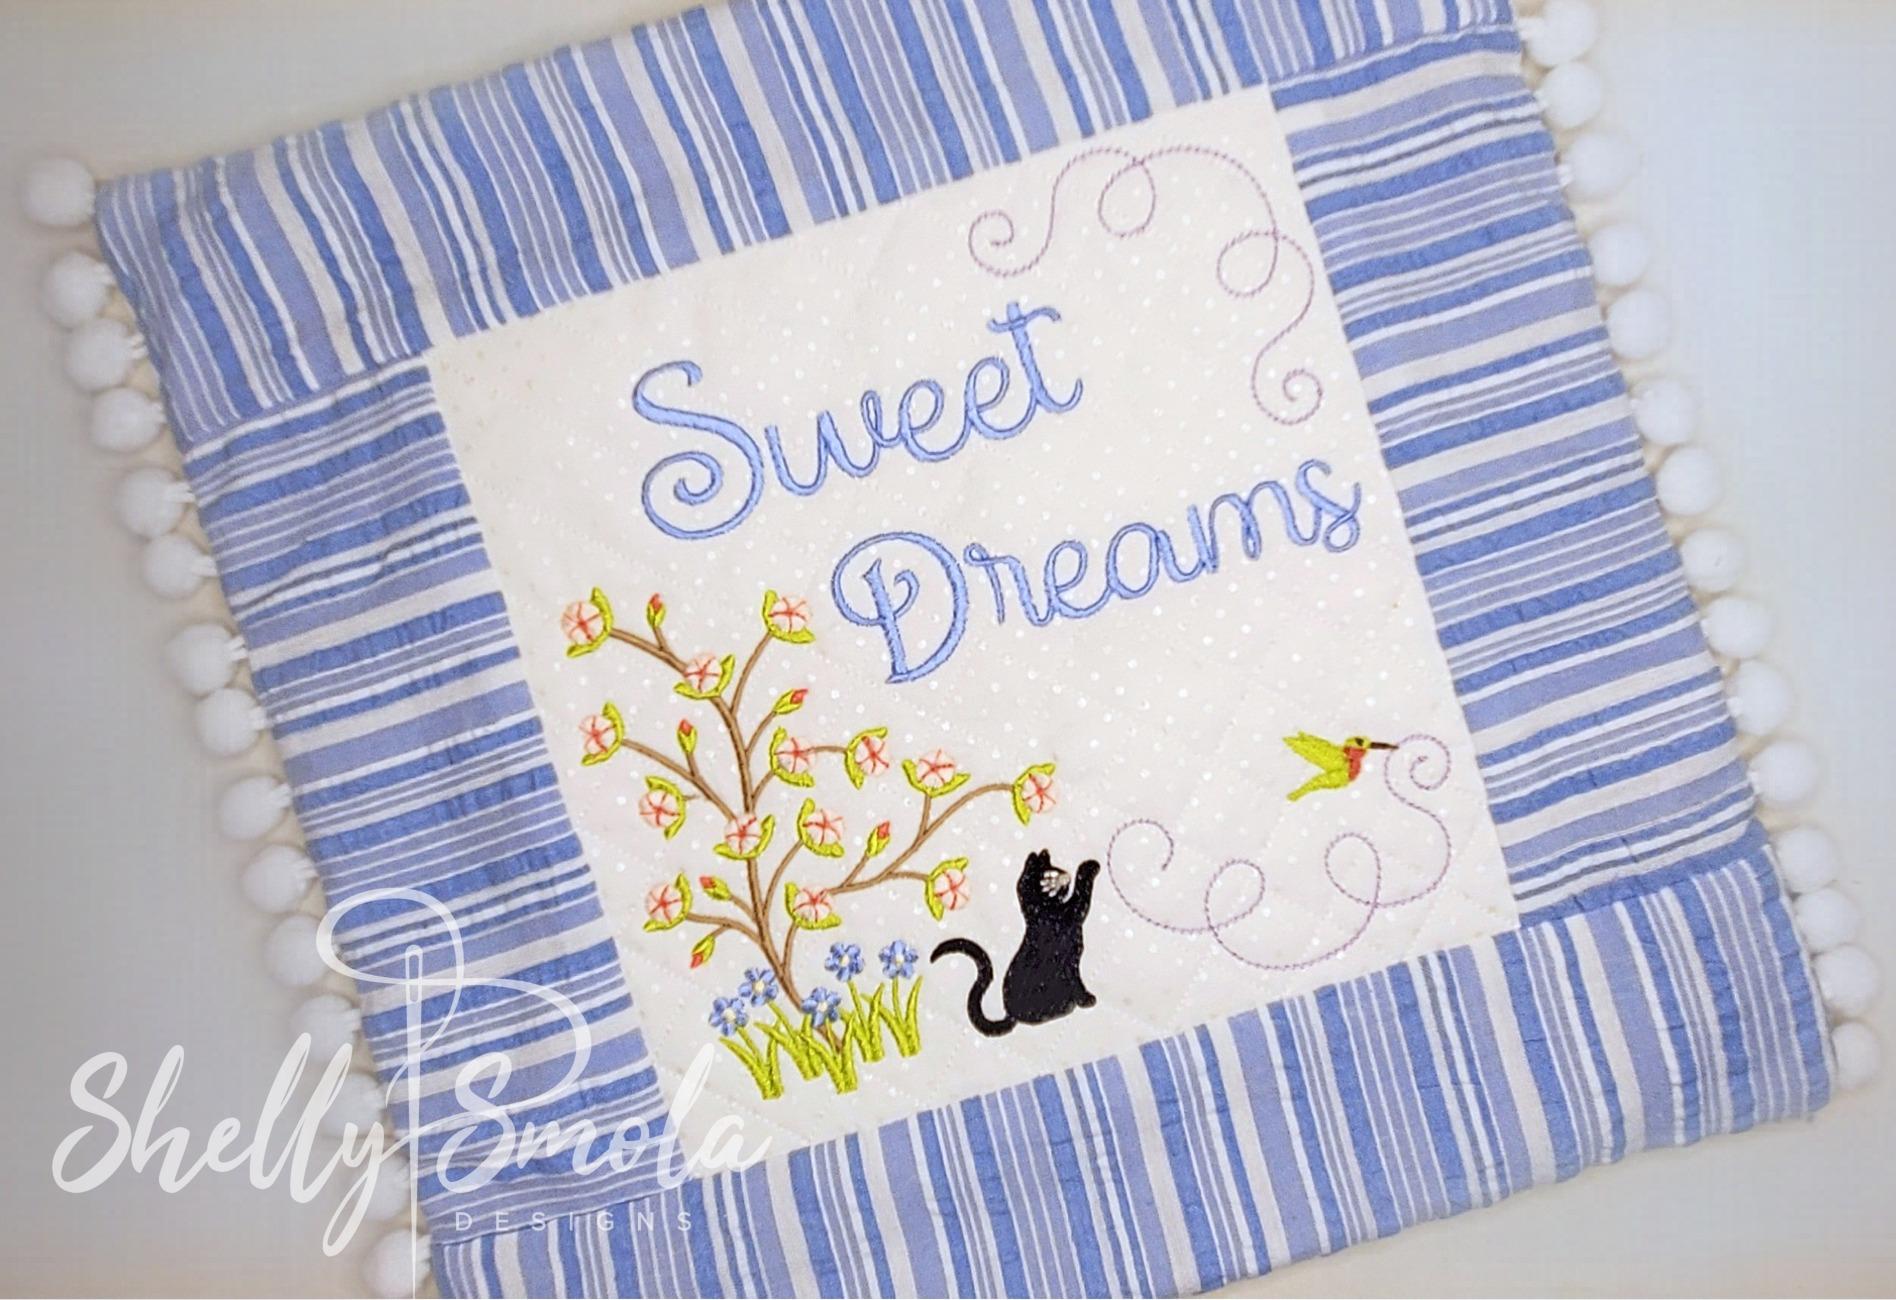 Sweet Dreams Pajama Bag Closeup by Shelly Smola